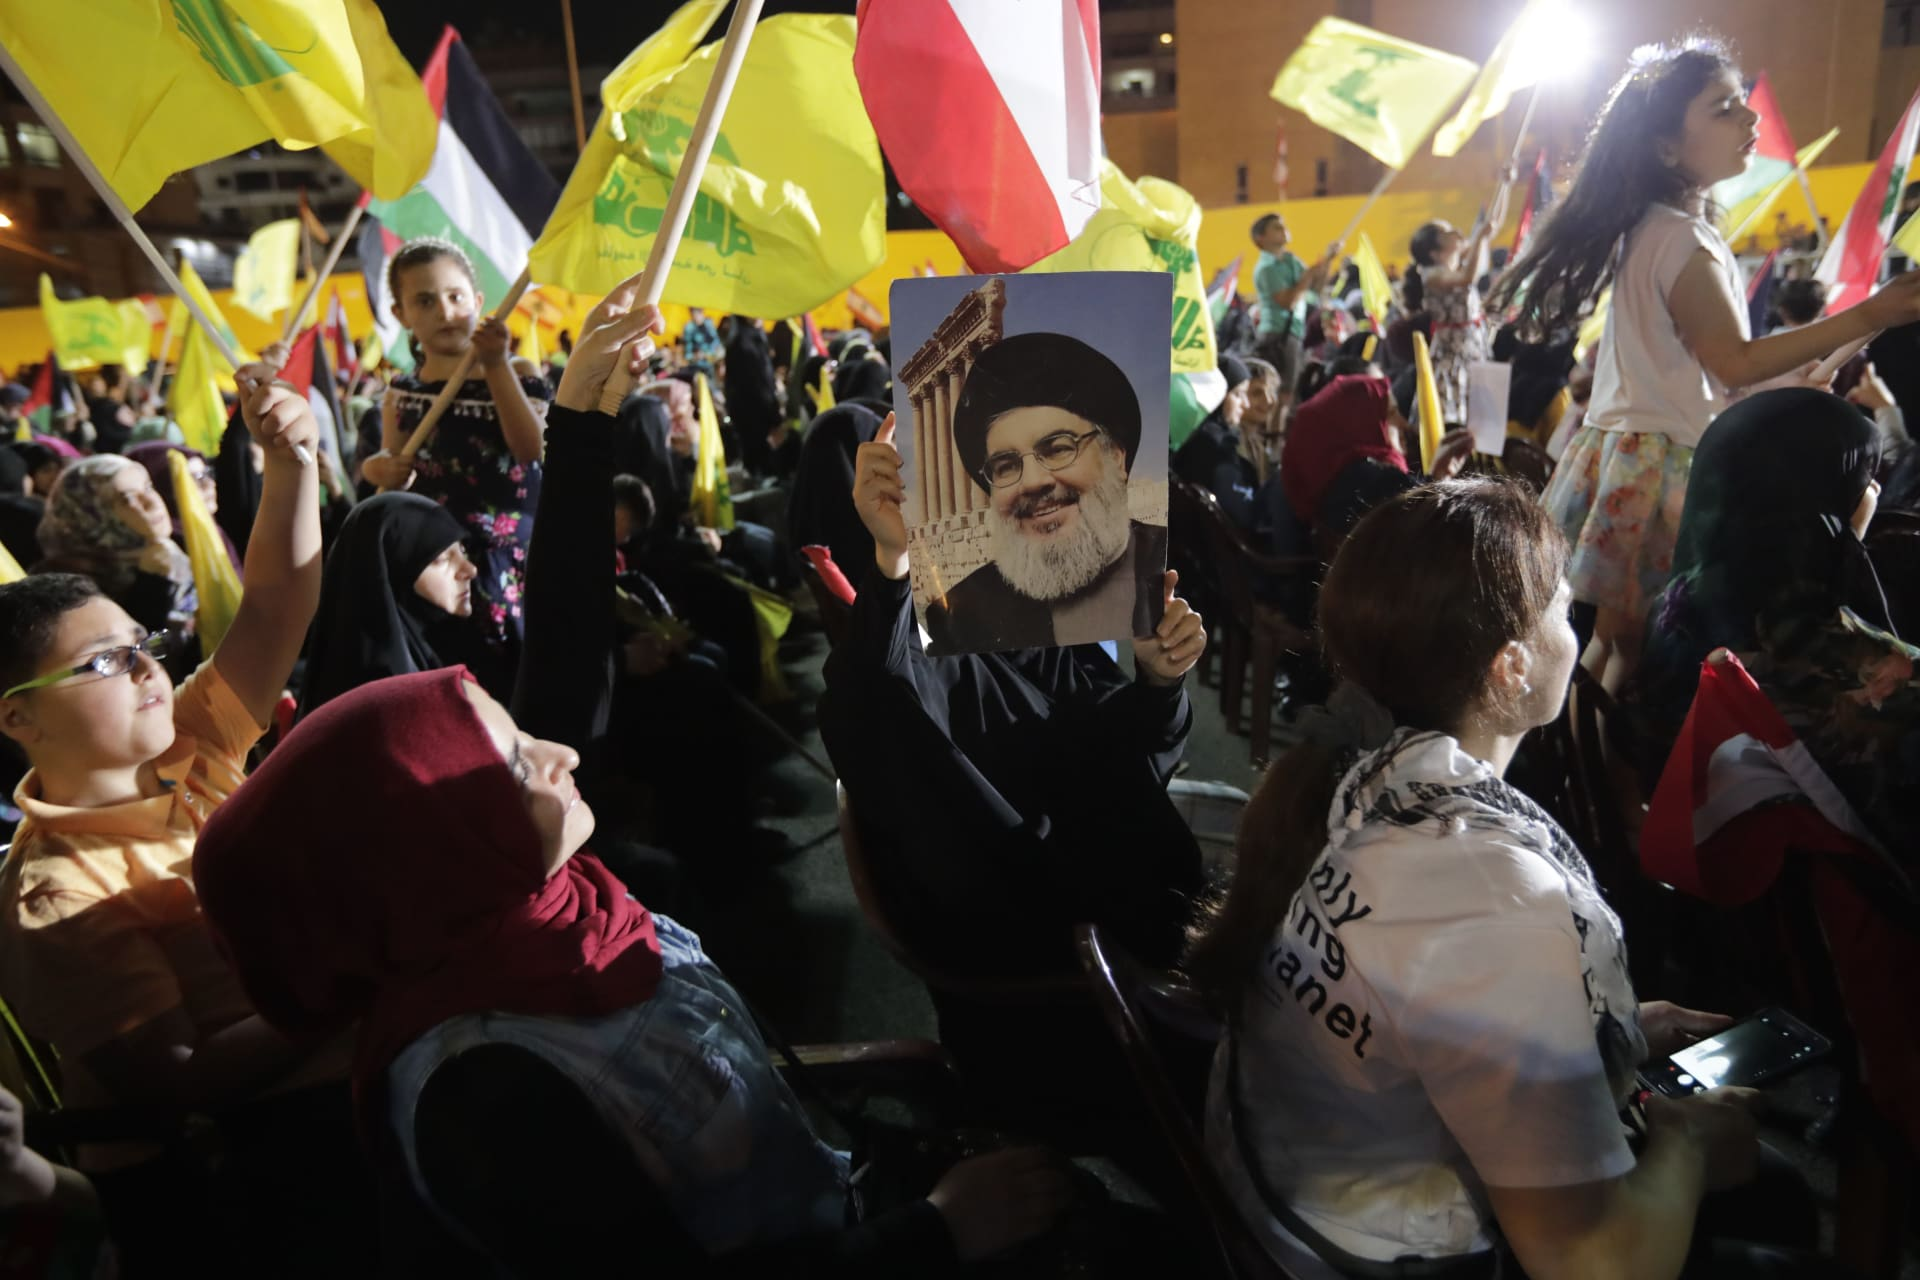 """حزب الله عن خطة السلام الأمريكية: """"صفقة العار"""" سيكون لها تداعيات خطيرة للغاية على المنطقة وشعوبها"""